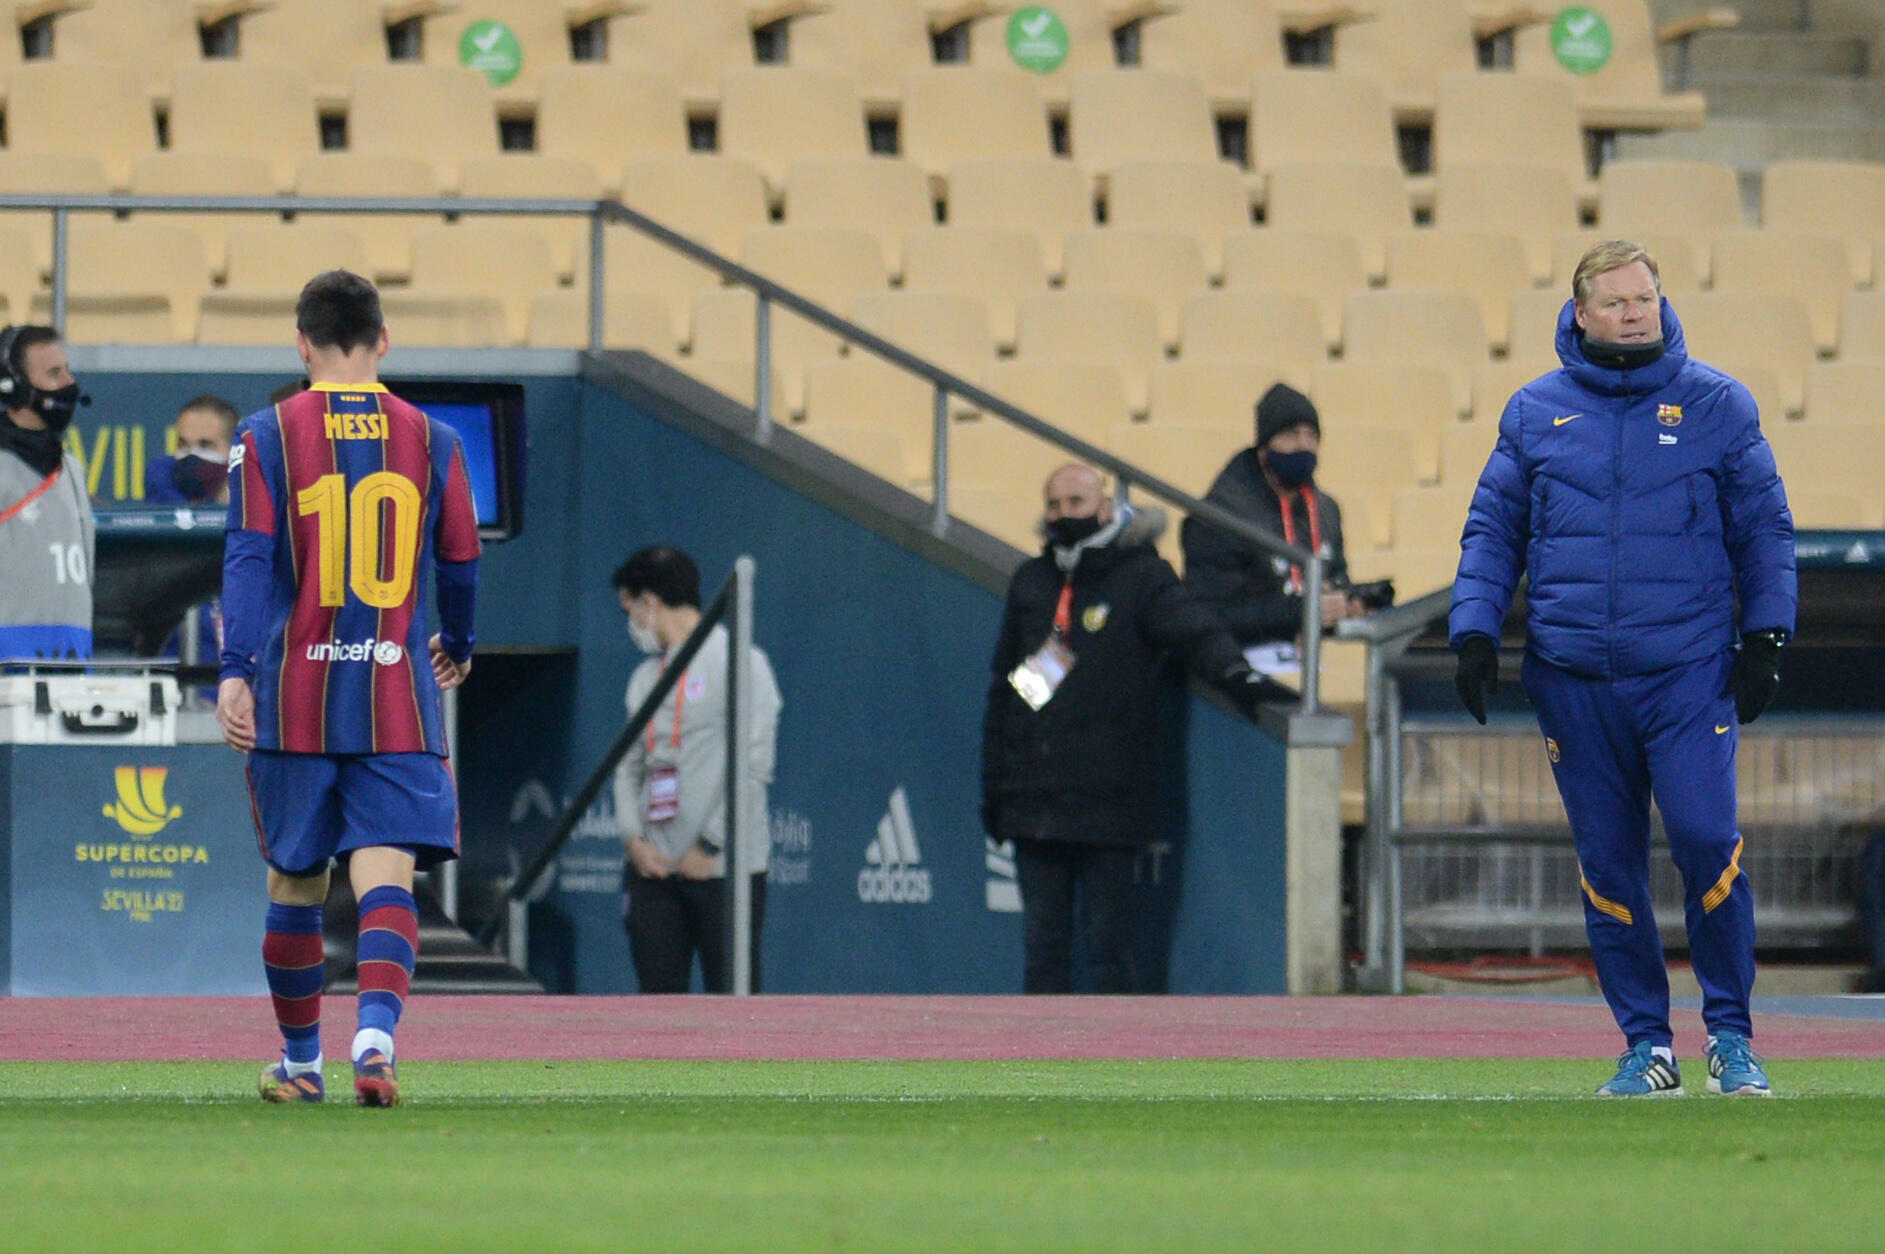 ليونيل ميسي قائد برشلونة بعد طرده خلال مباراة برشلونة وأتليتيك بيلباو في نهائي كأس السوبر الإسبانية لكرة القدم يوم الأحد 17 يناير 2021